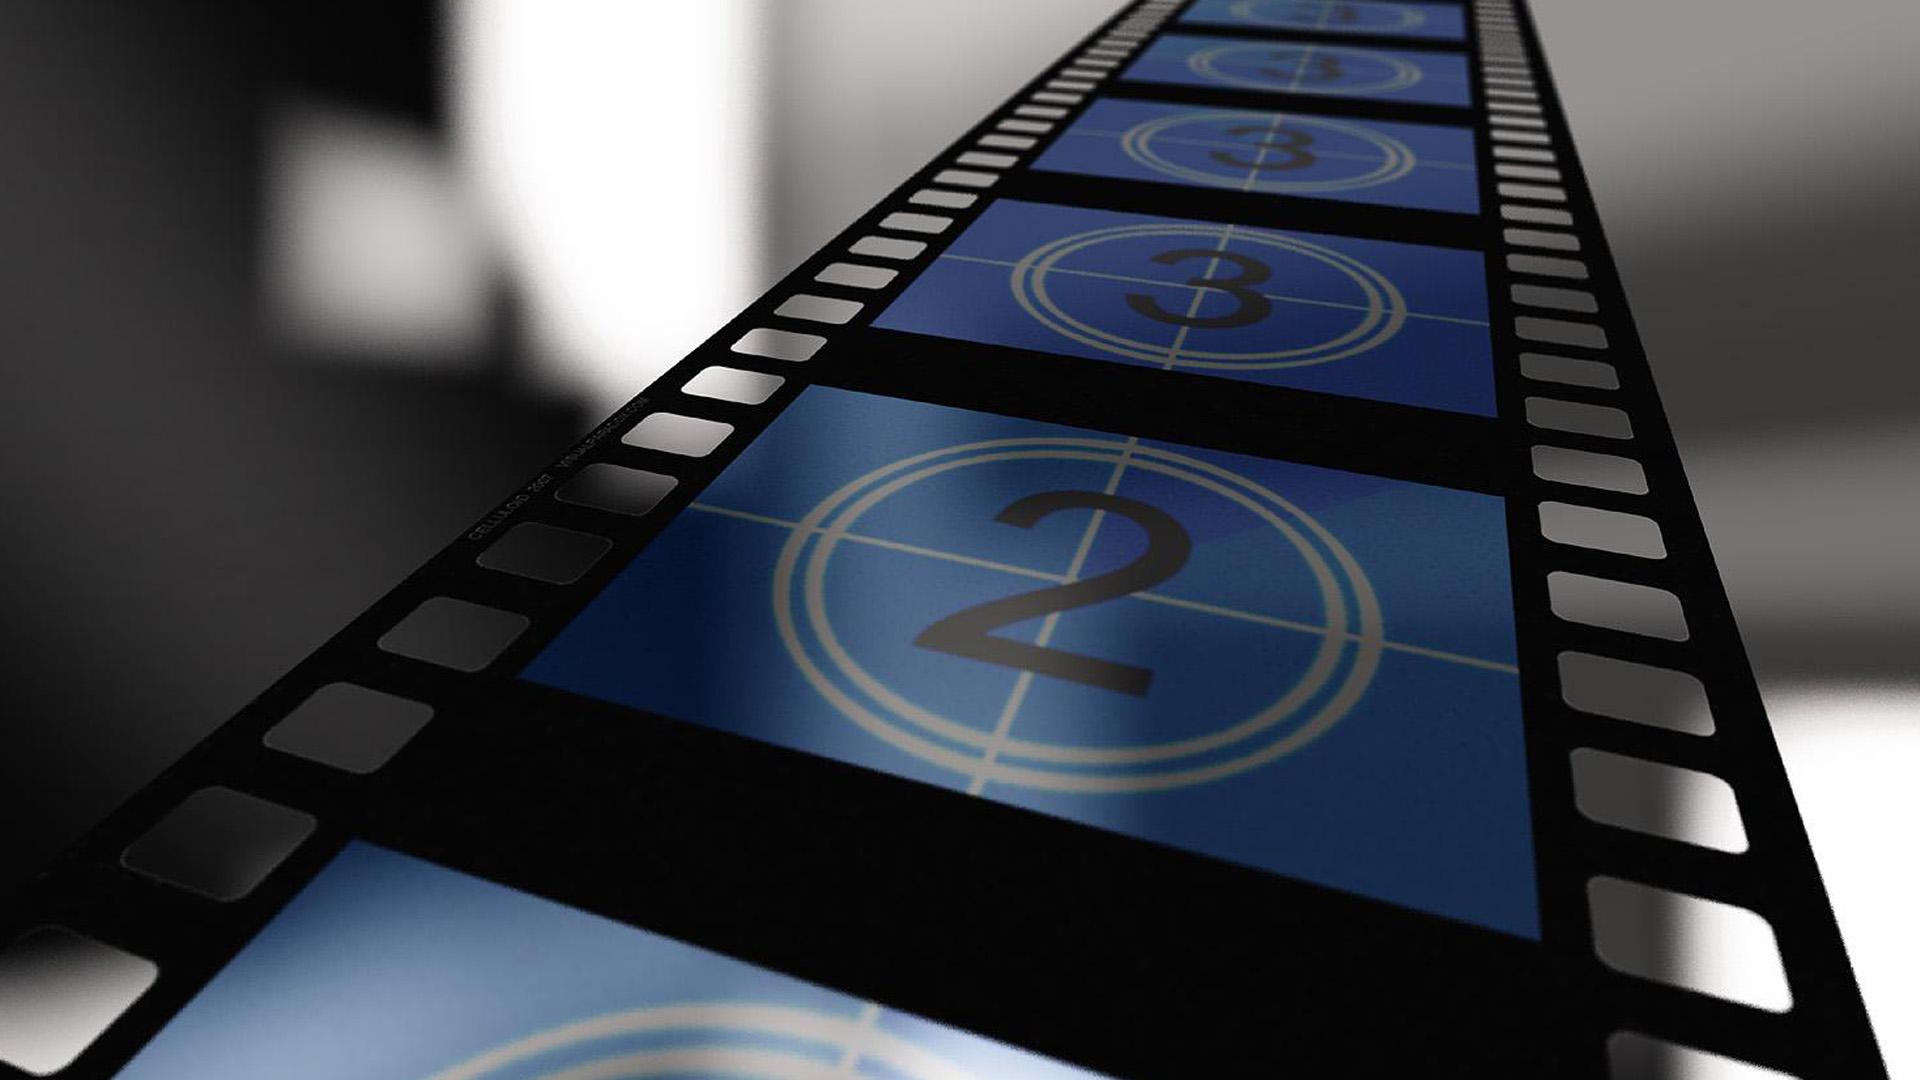 La película venezolana, dirigida por Rober Calzadilla, se llevó el premio del público otorgado por el Festival de Biarritz América Latina